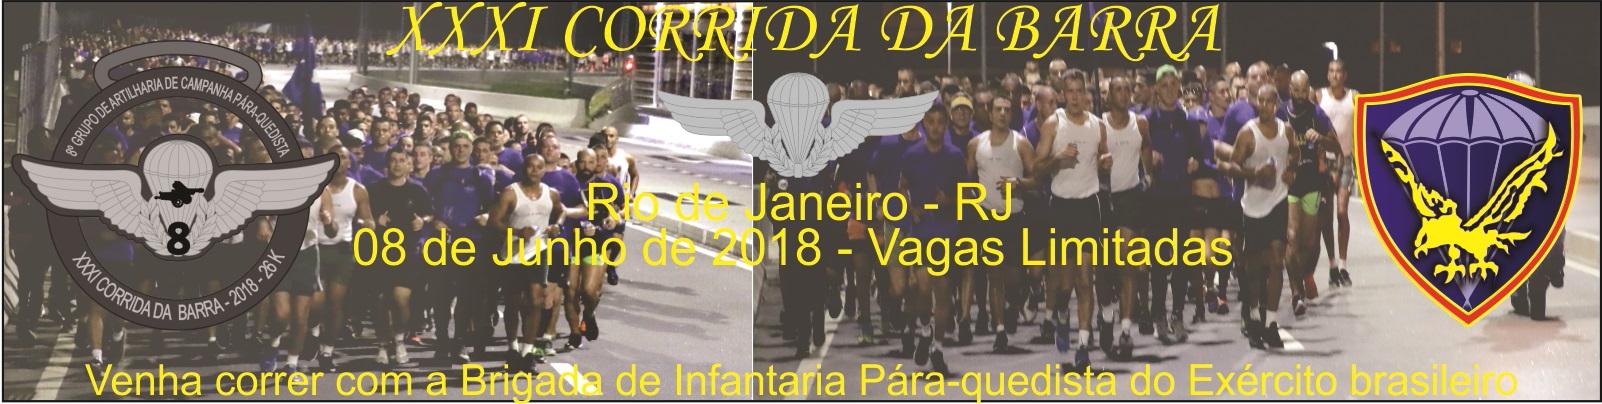 31ª CORRIDA DA BARRA - CORRA COM OS MILITARES DA BRIGADA DE INFANTARIA PÁRA-QUEDISTA - Imagem de topo